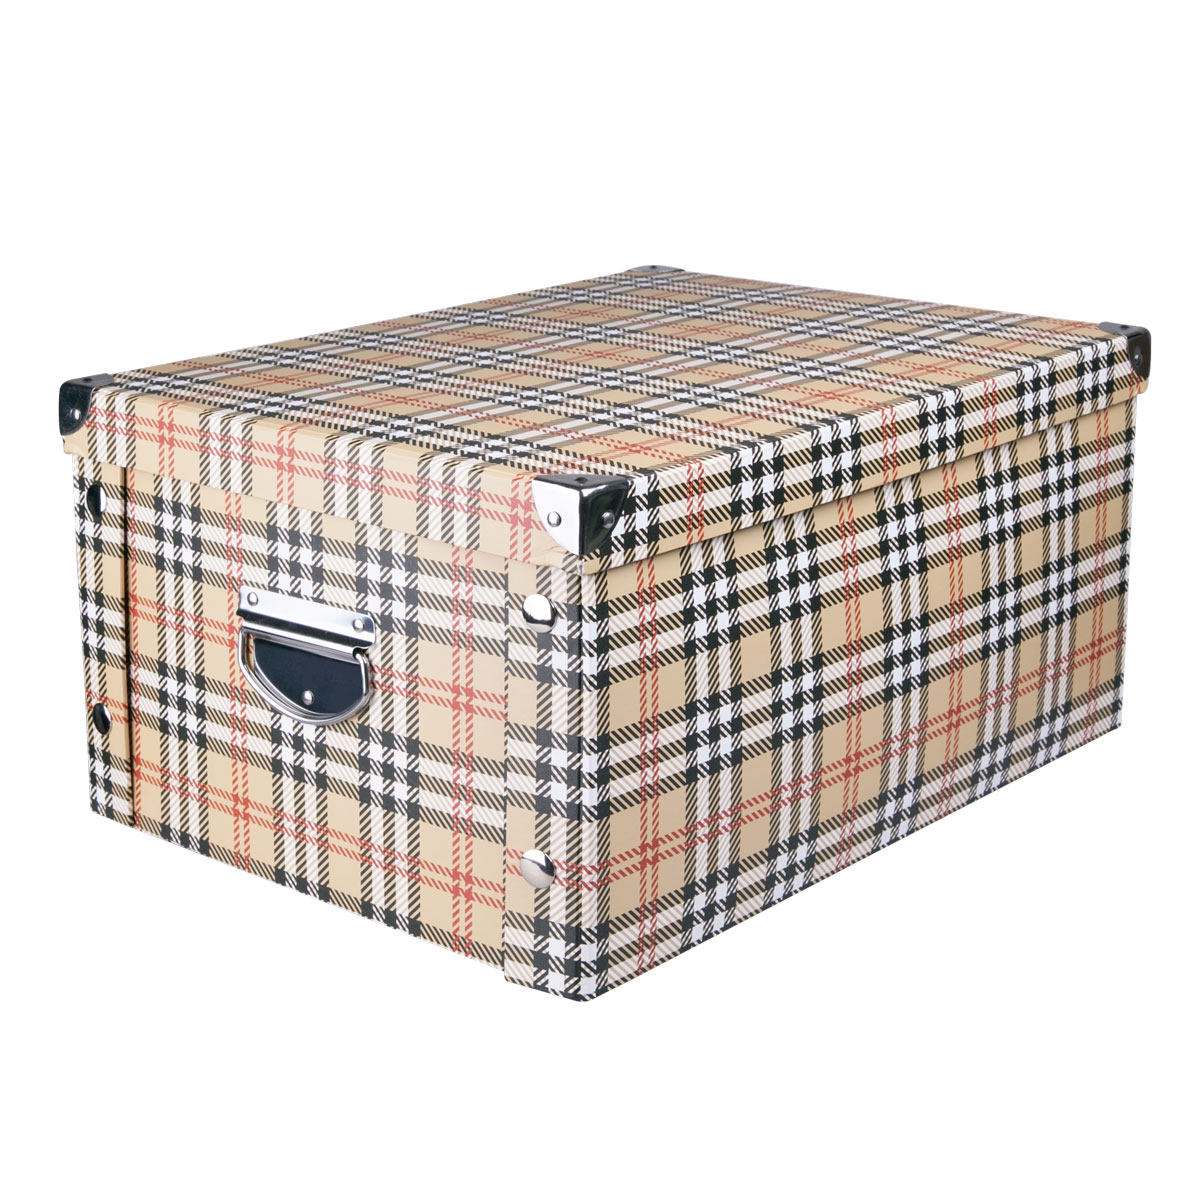 Коробка для хранения Miolla, 45 х 35 х 22,5 см. CFB-081004900000360Коробка для хранения Miolla прекрасно подойдет для хранения бытовых мелочей, документов, аксессуаров для рукоделия и других мелких предметов. Коробка поставляется в разобранном виде, легко и быстро складывается. Плотная крышка и удобные для переноски металлические ручки станут приятным дополнением к функциональным достоинствам коробки. Удобная крышка не даст ни одной вещи потеряться, а оптимальный размер подойдет для любого шкафа или полки.Компактная, но при этом вместительная коробка для хранения станет яркой нотой в вашем интерьере.